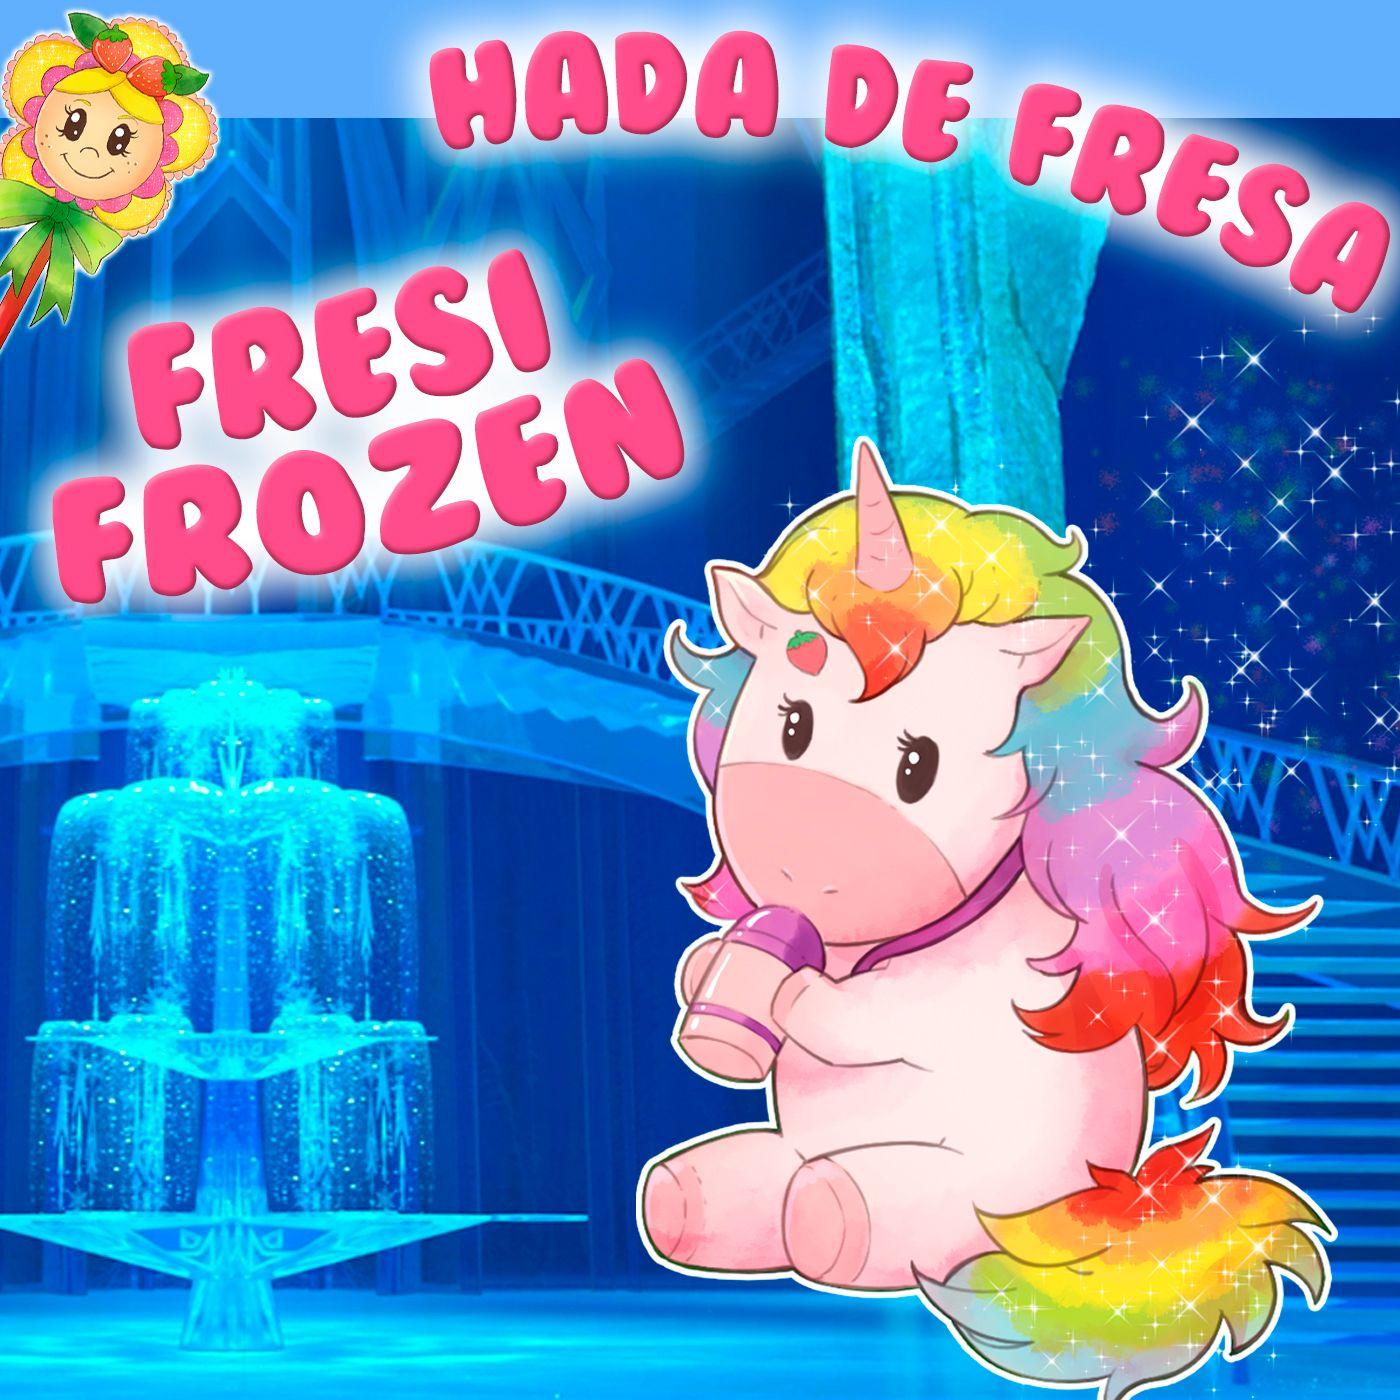 133. Frozen. Original versión de Hada de Fresa sobre el famoso cuento de Frozen